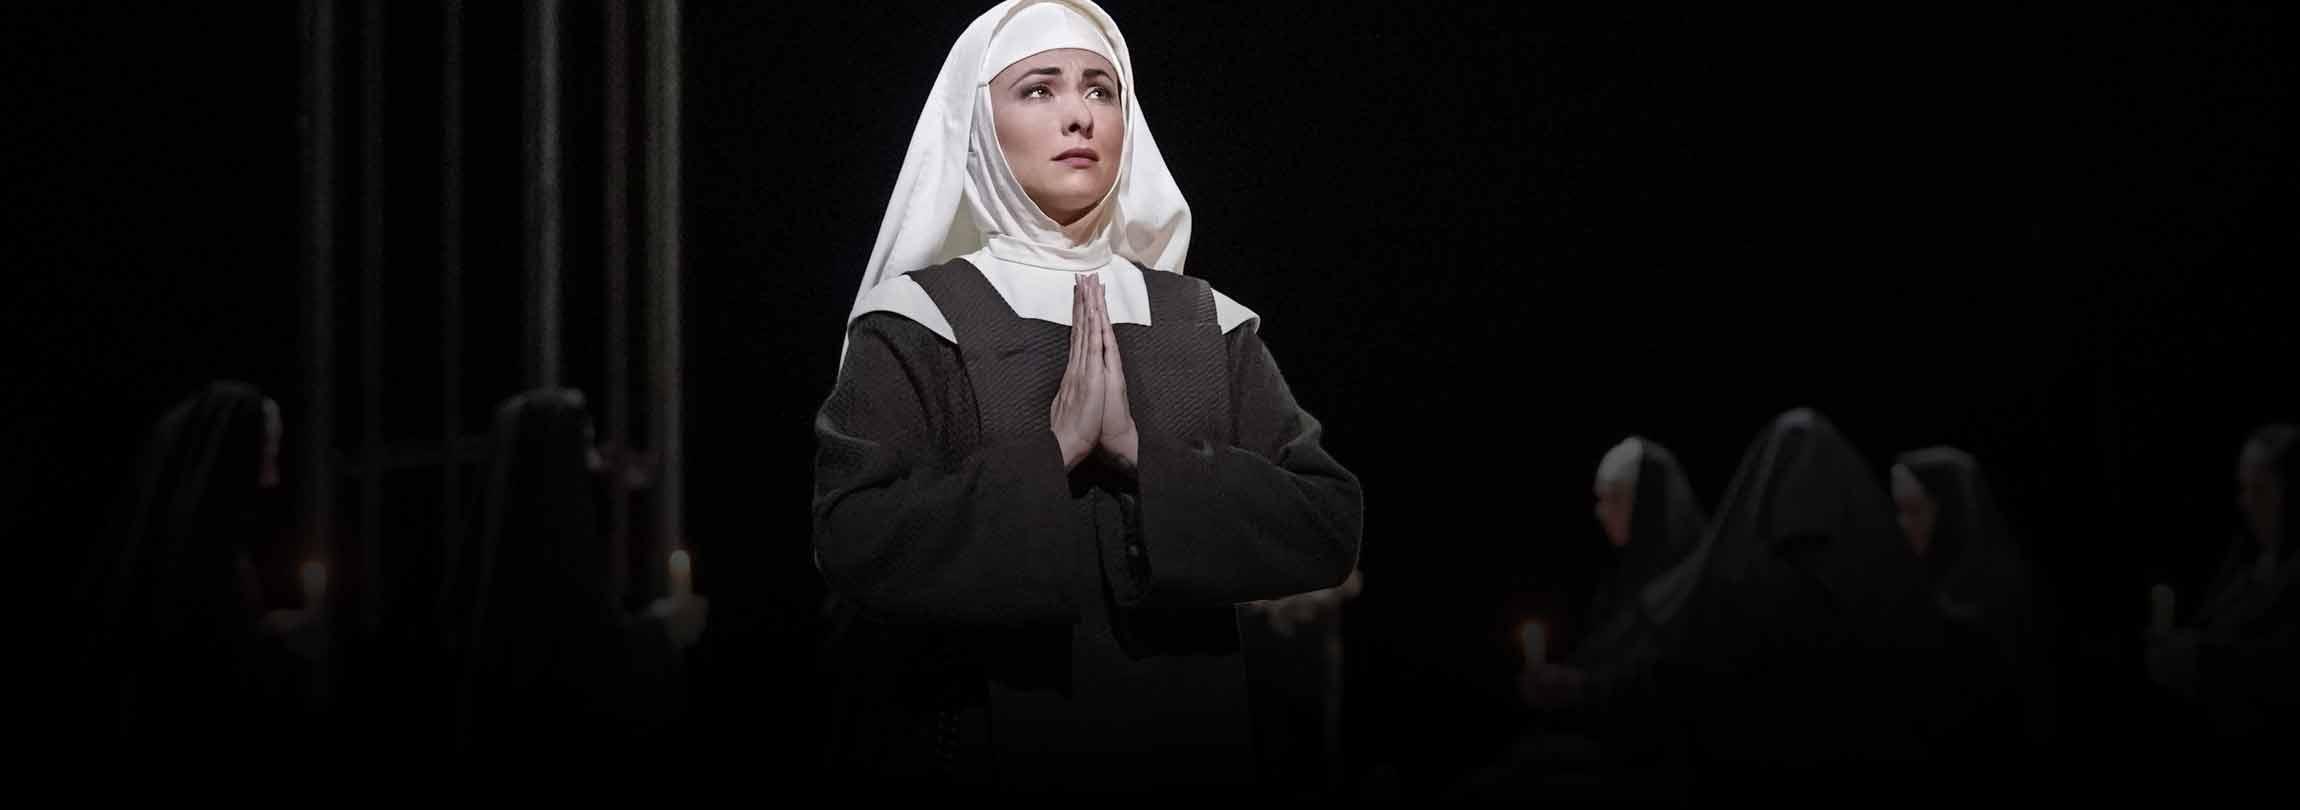 O martírio das carmelitas de Compiègne